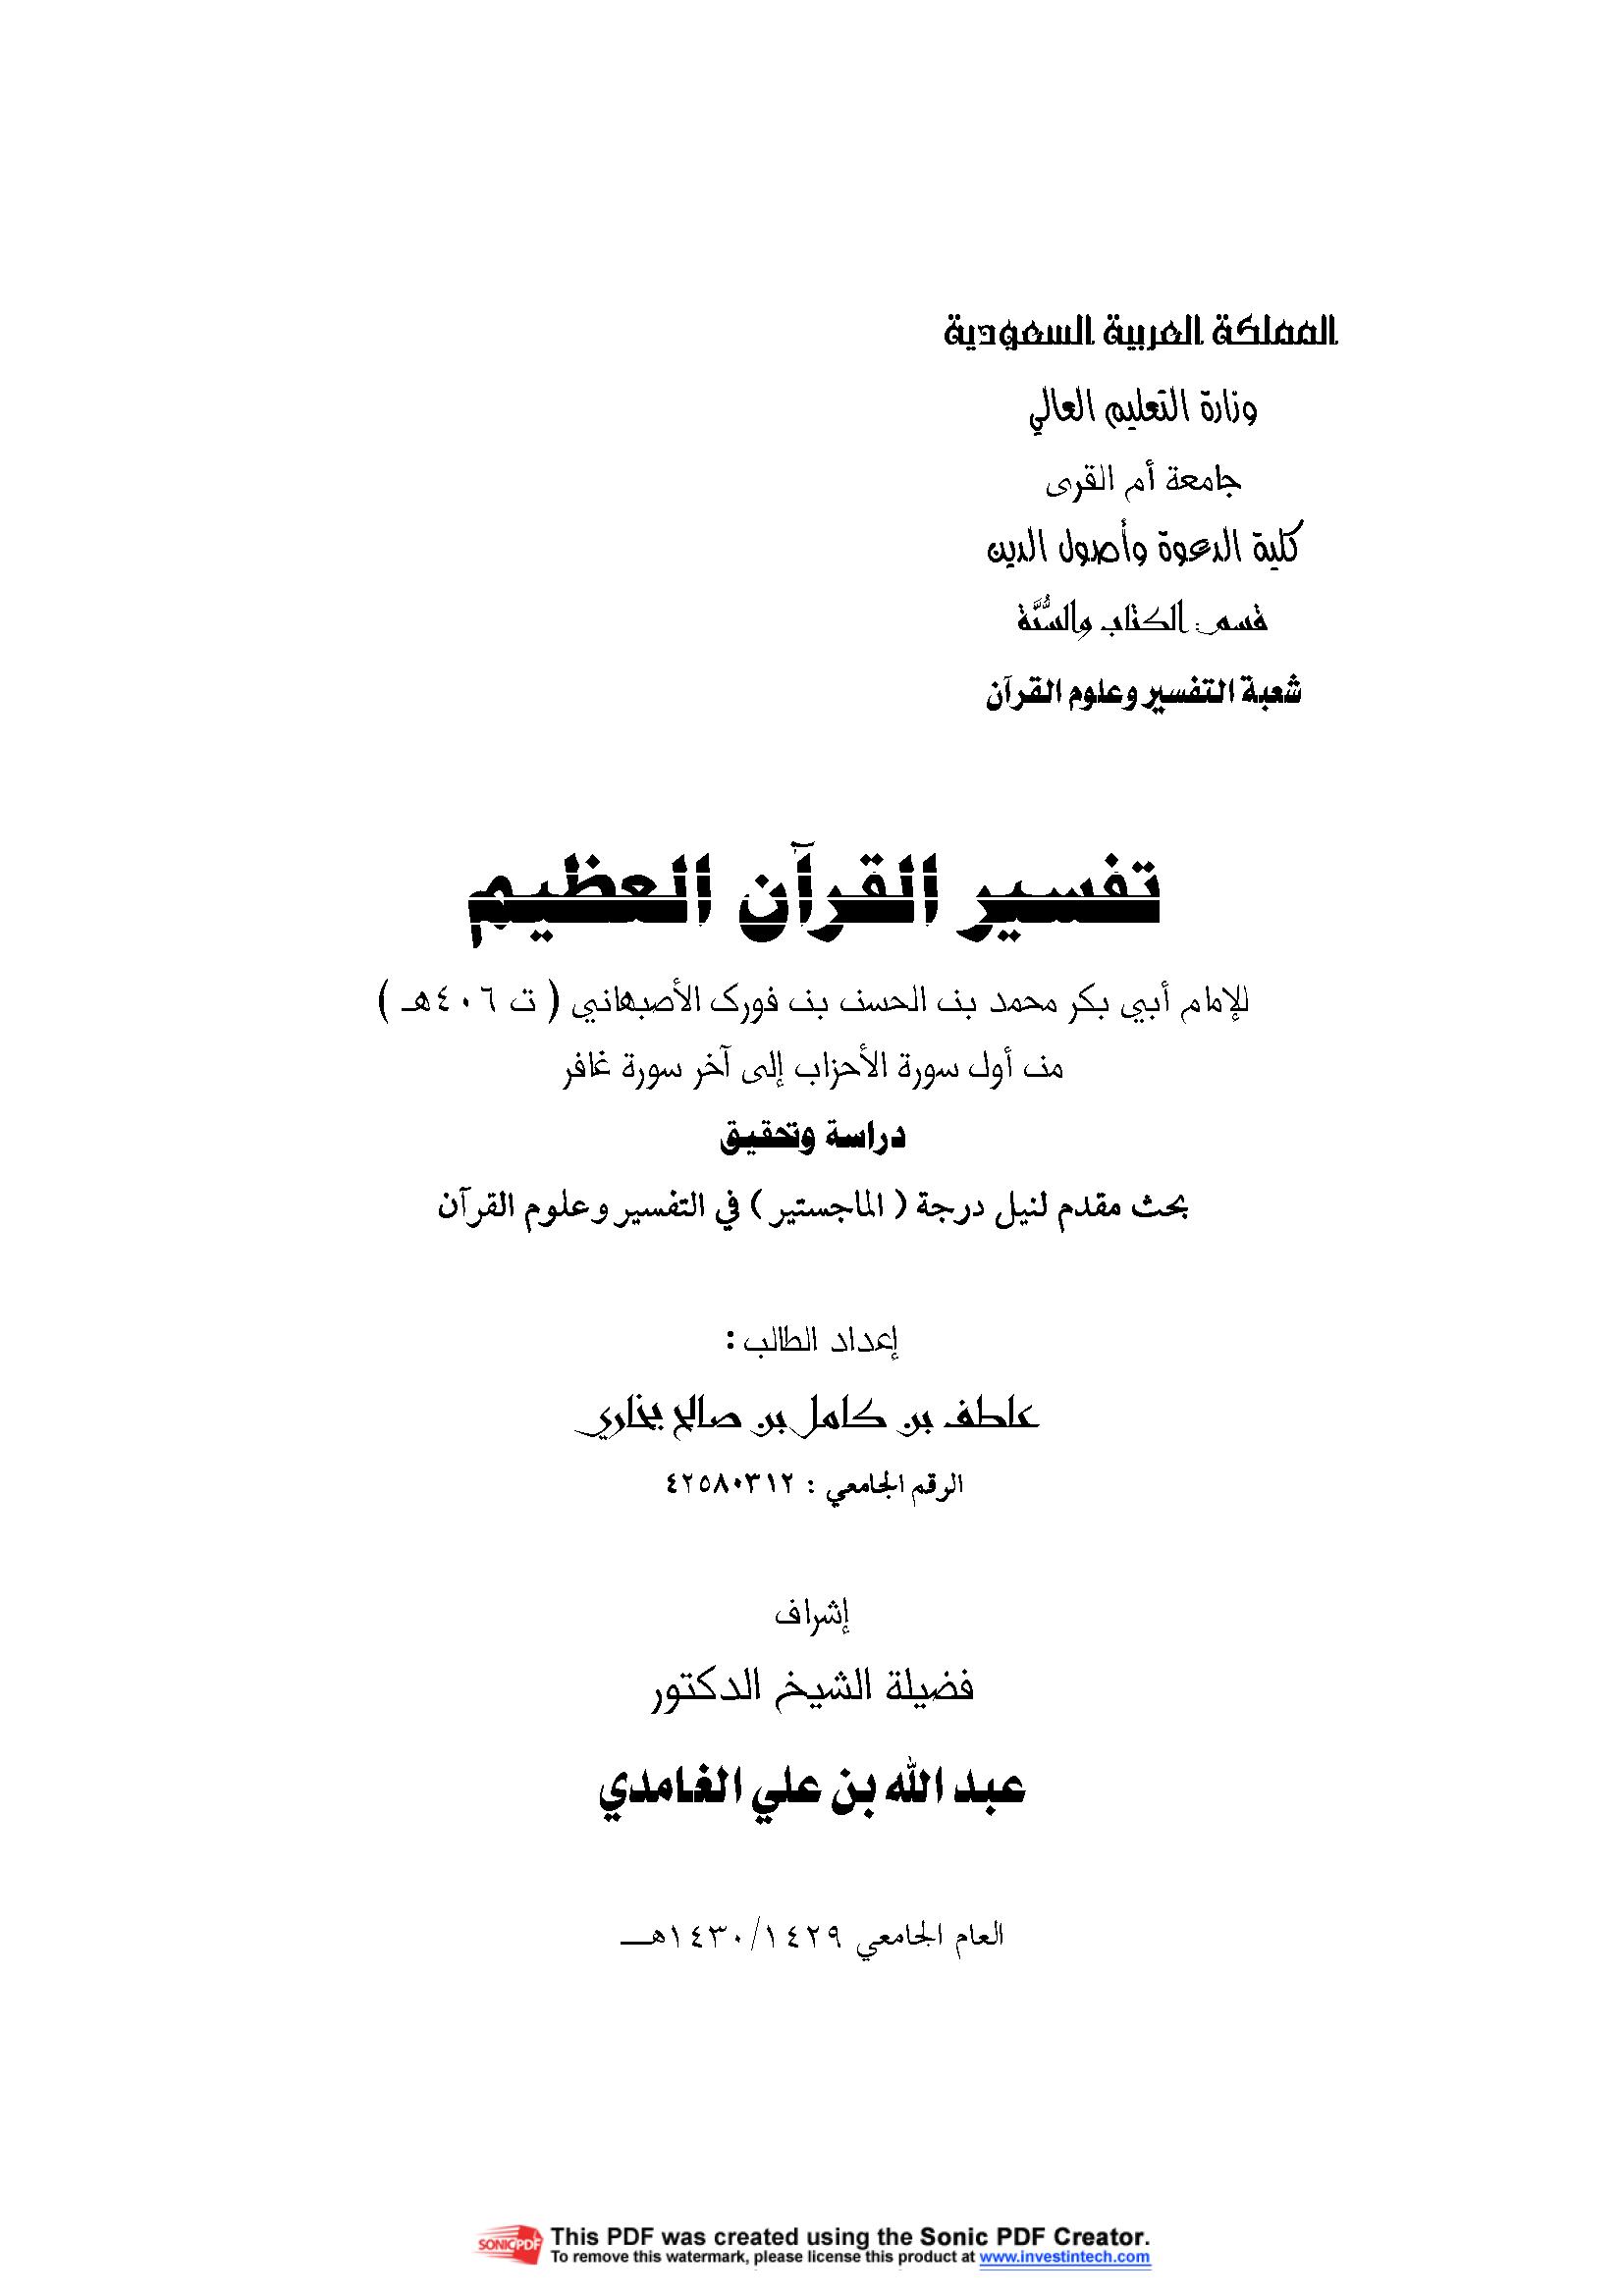 تحميل كتاب تفسير القرآن العظيم (من أول سورة الأحزاب إلى آخر سورة غافر) لـِ: الإمام أبو بكر محمد بن الحسن بن فُورَك الأنصاري الأصبهاني (ت 406)